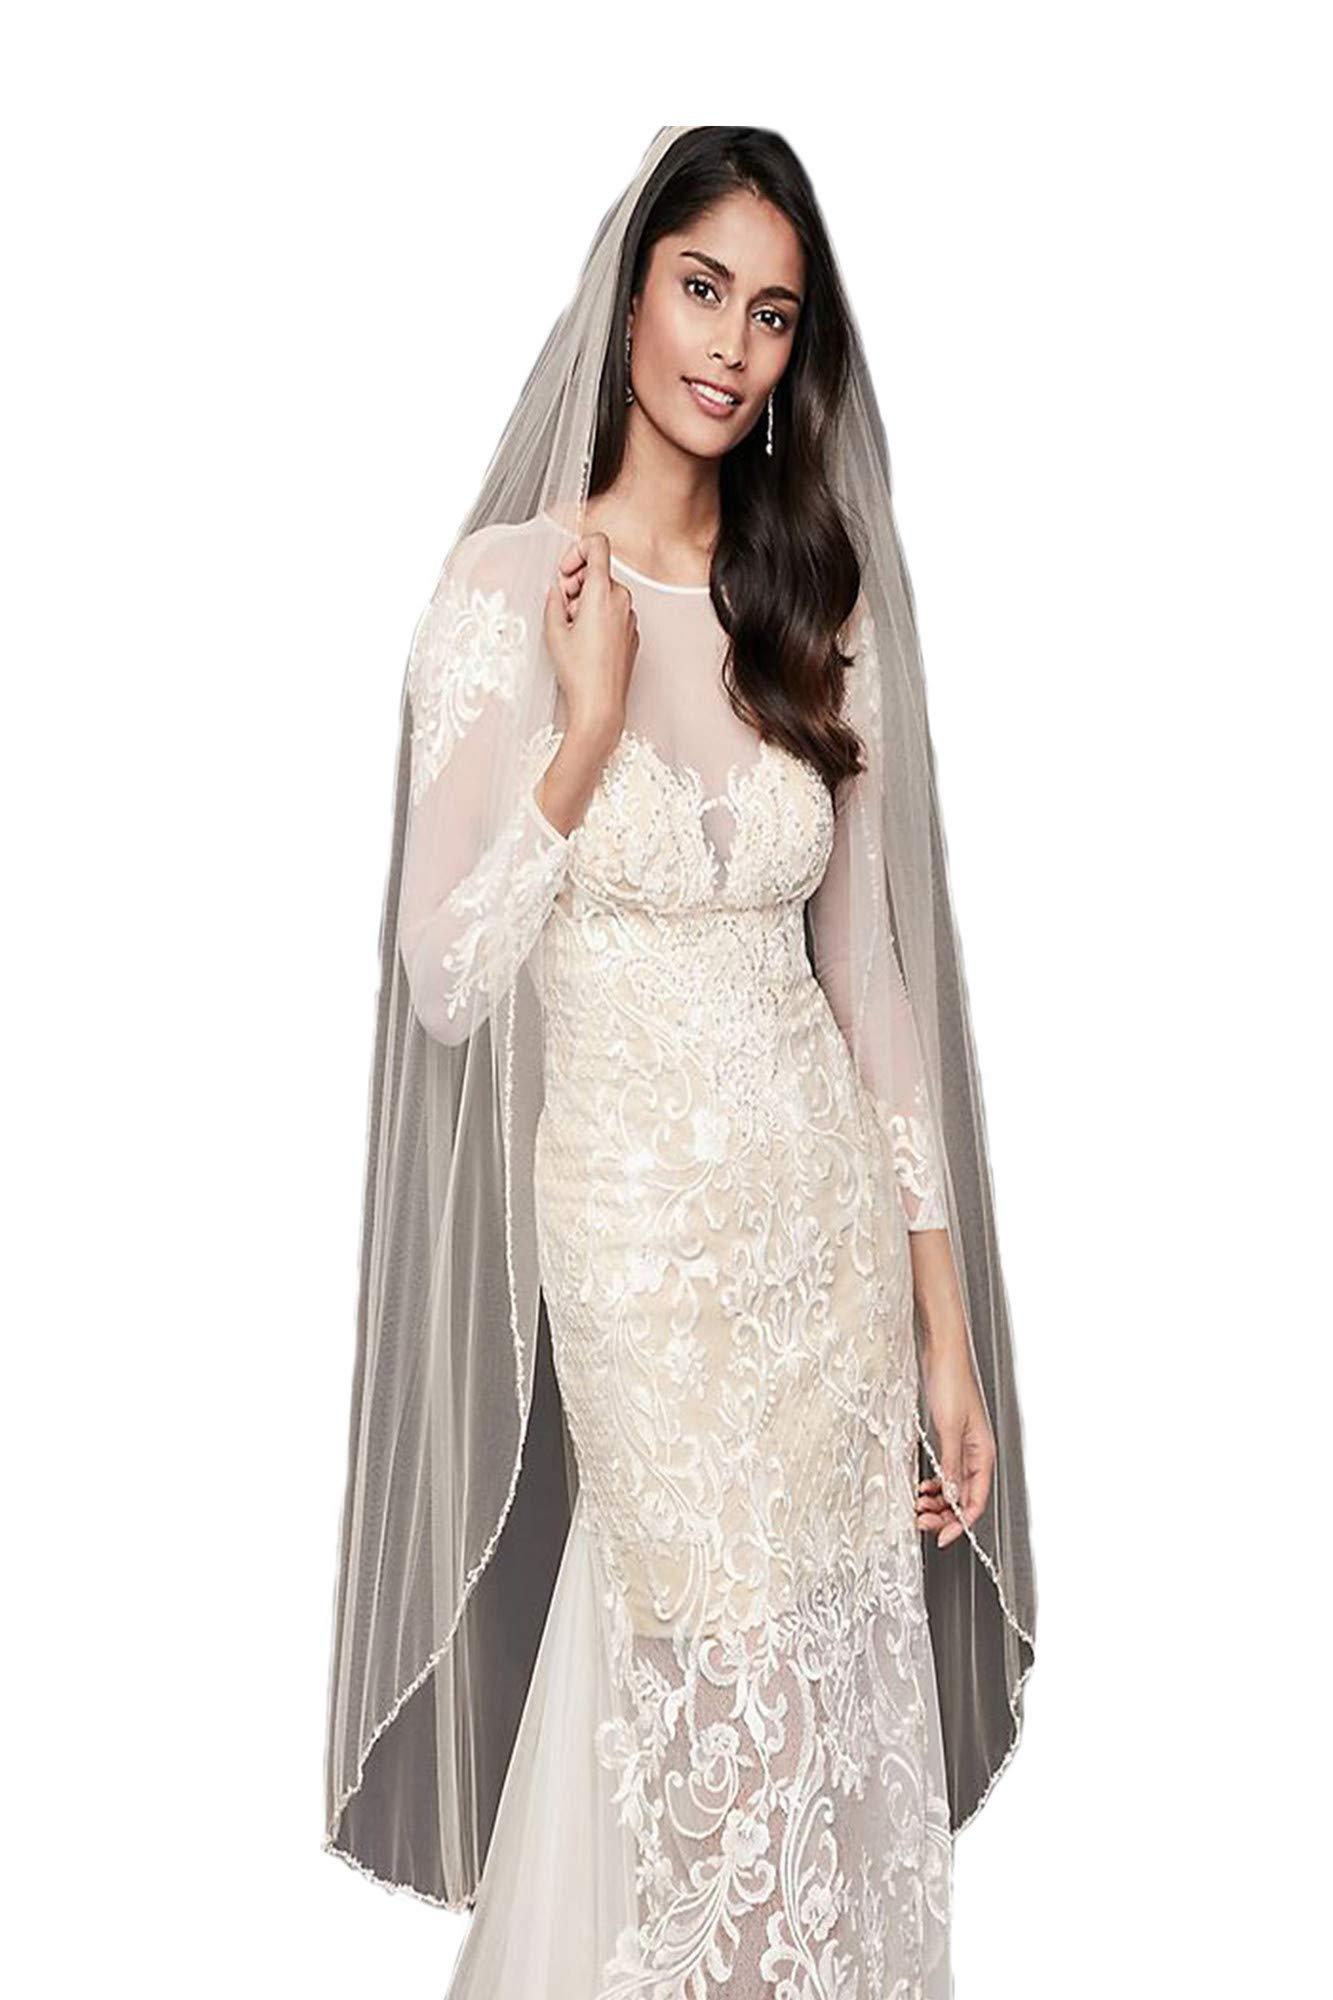 Passat Ivory 1Tier Elbow/Waist Embroidered Floral Garland beads crystals bride veils rhinestone wedding veils297 by Passat